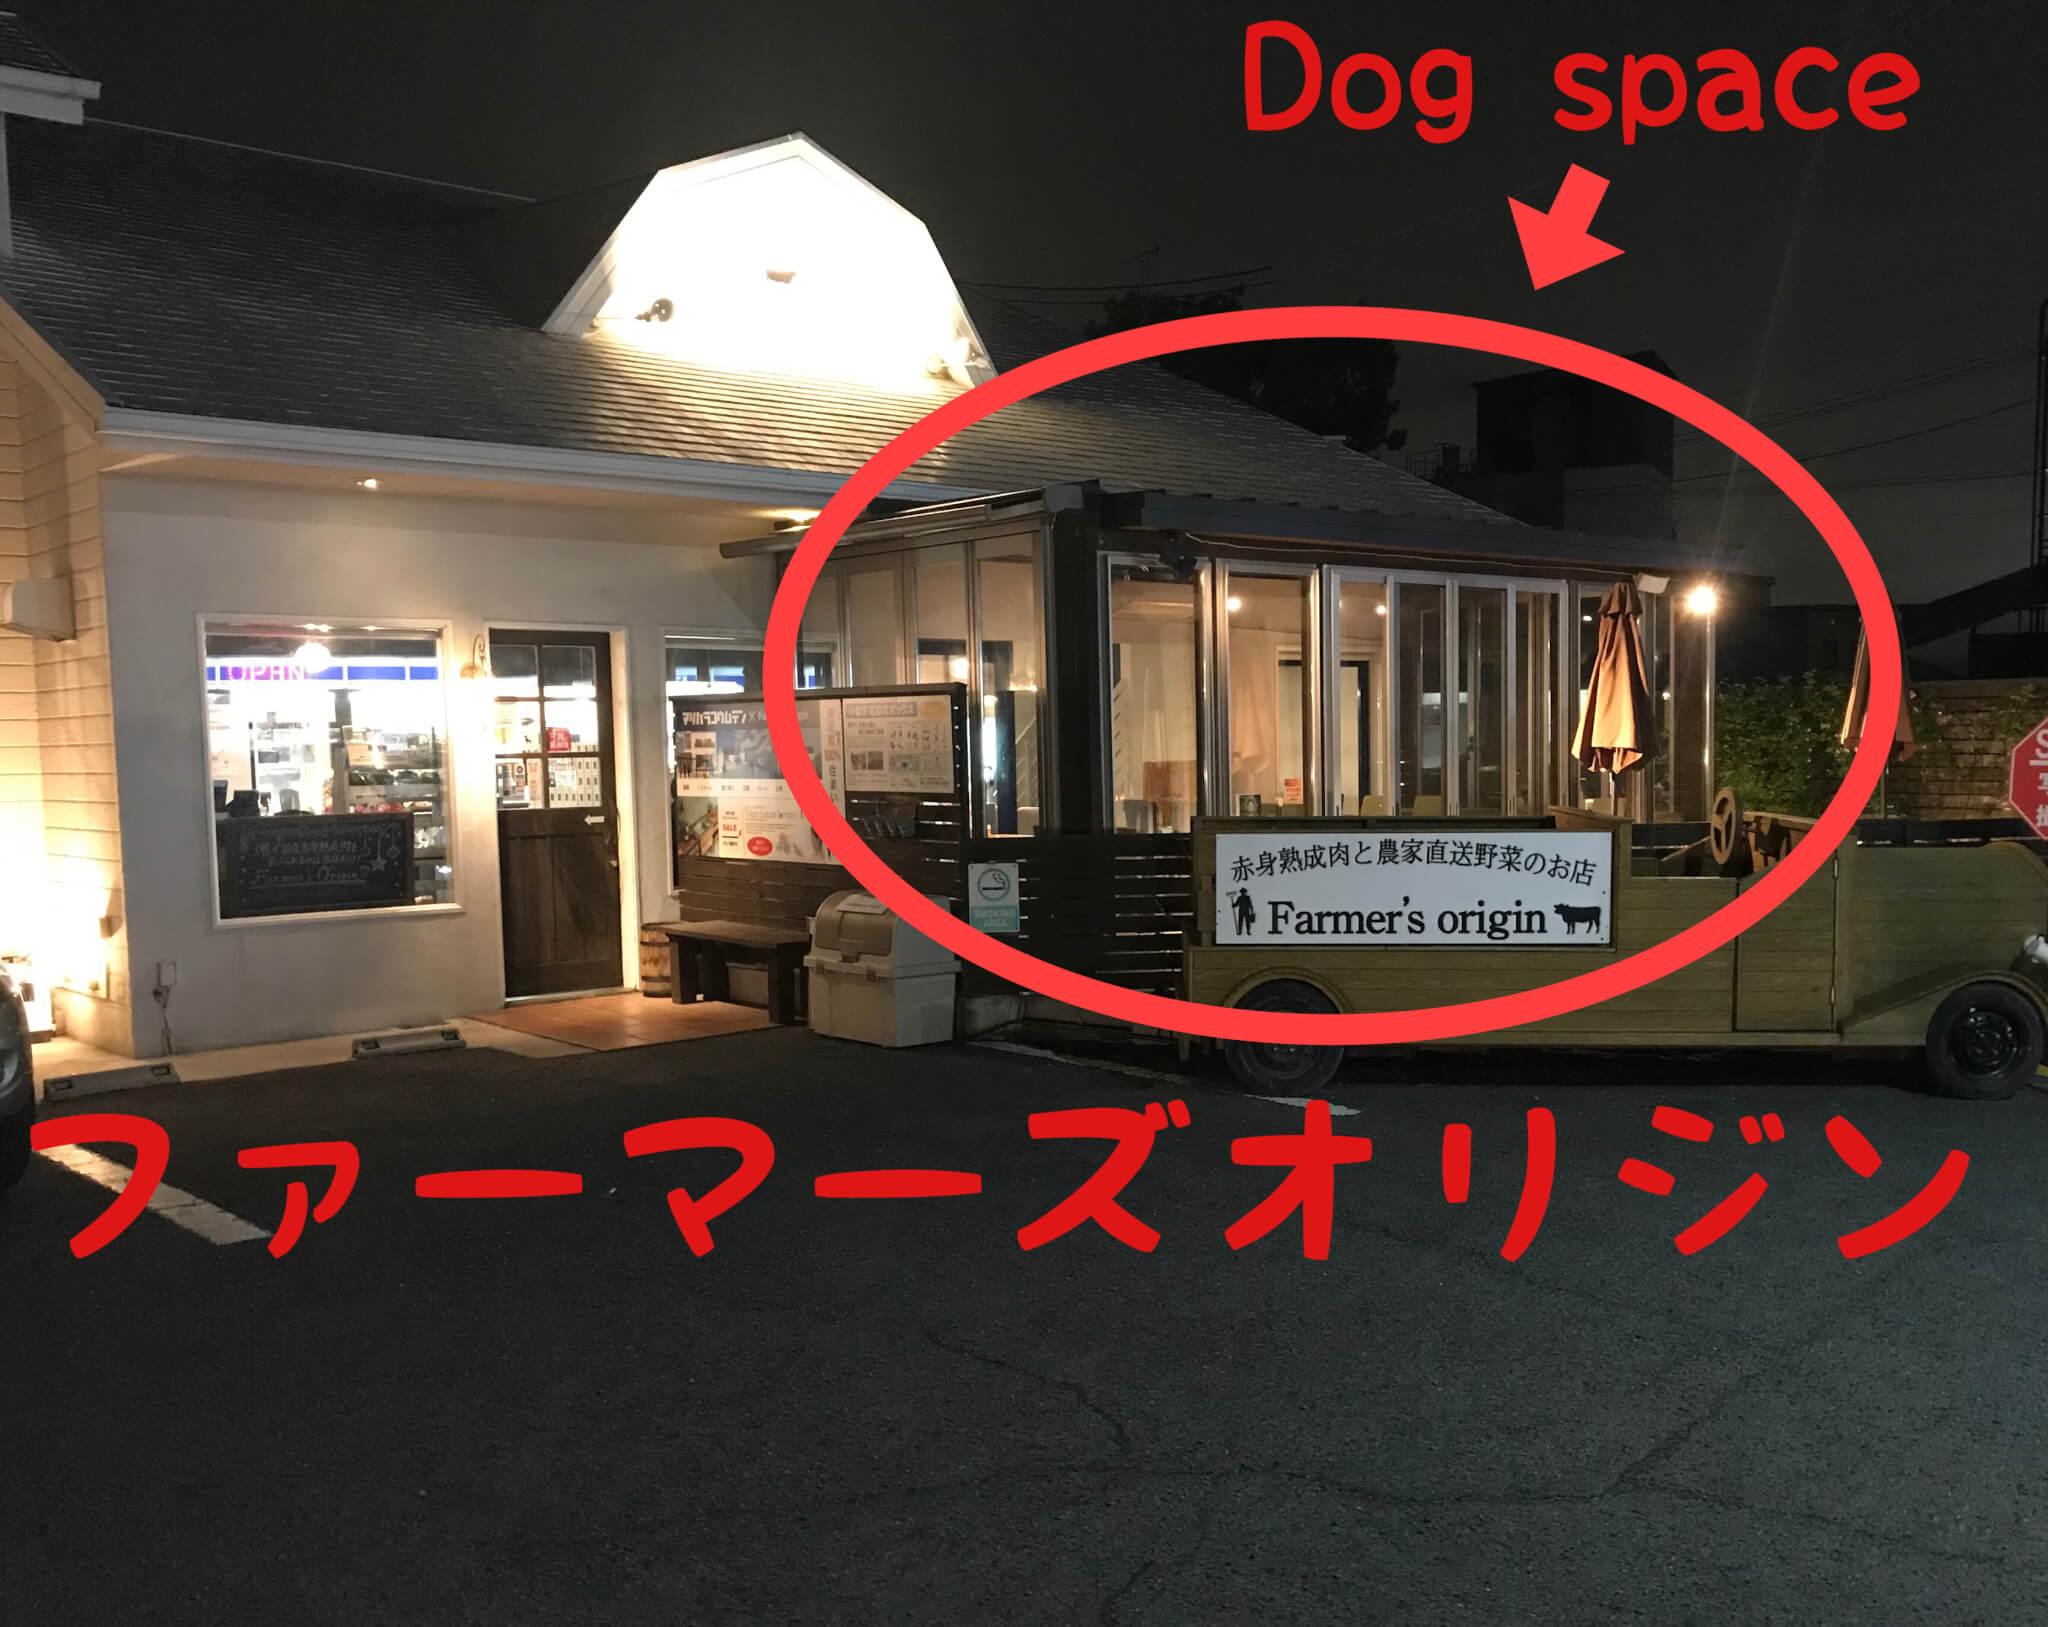 ファーマーズオリジン Dog space